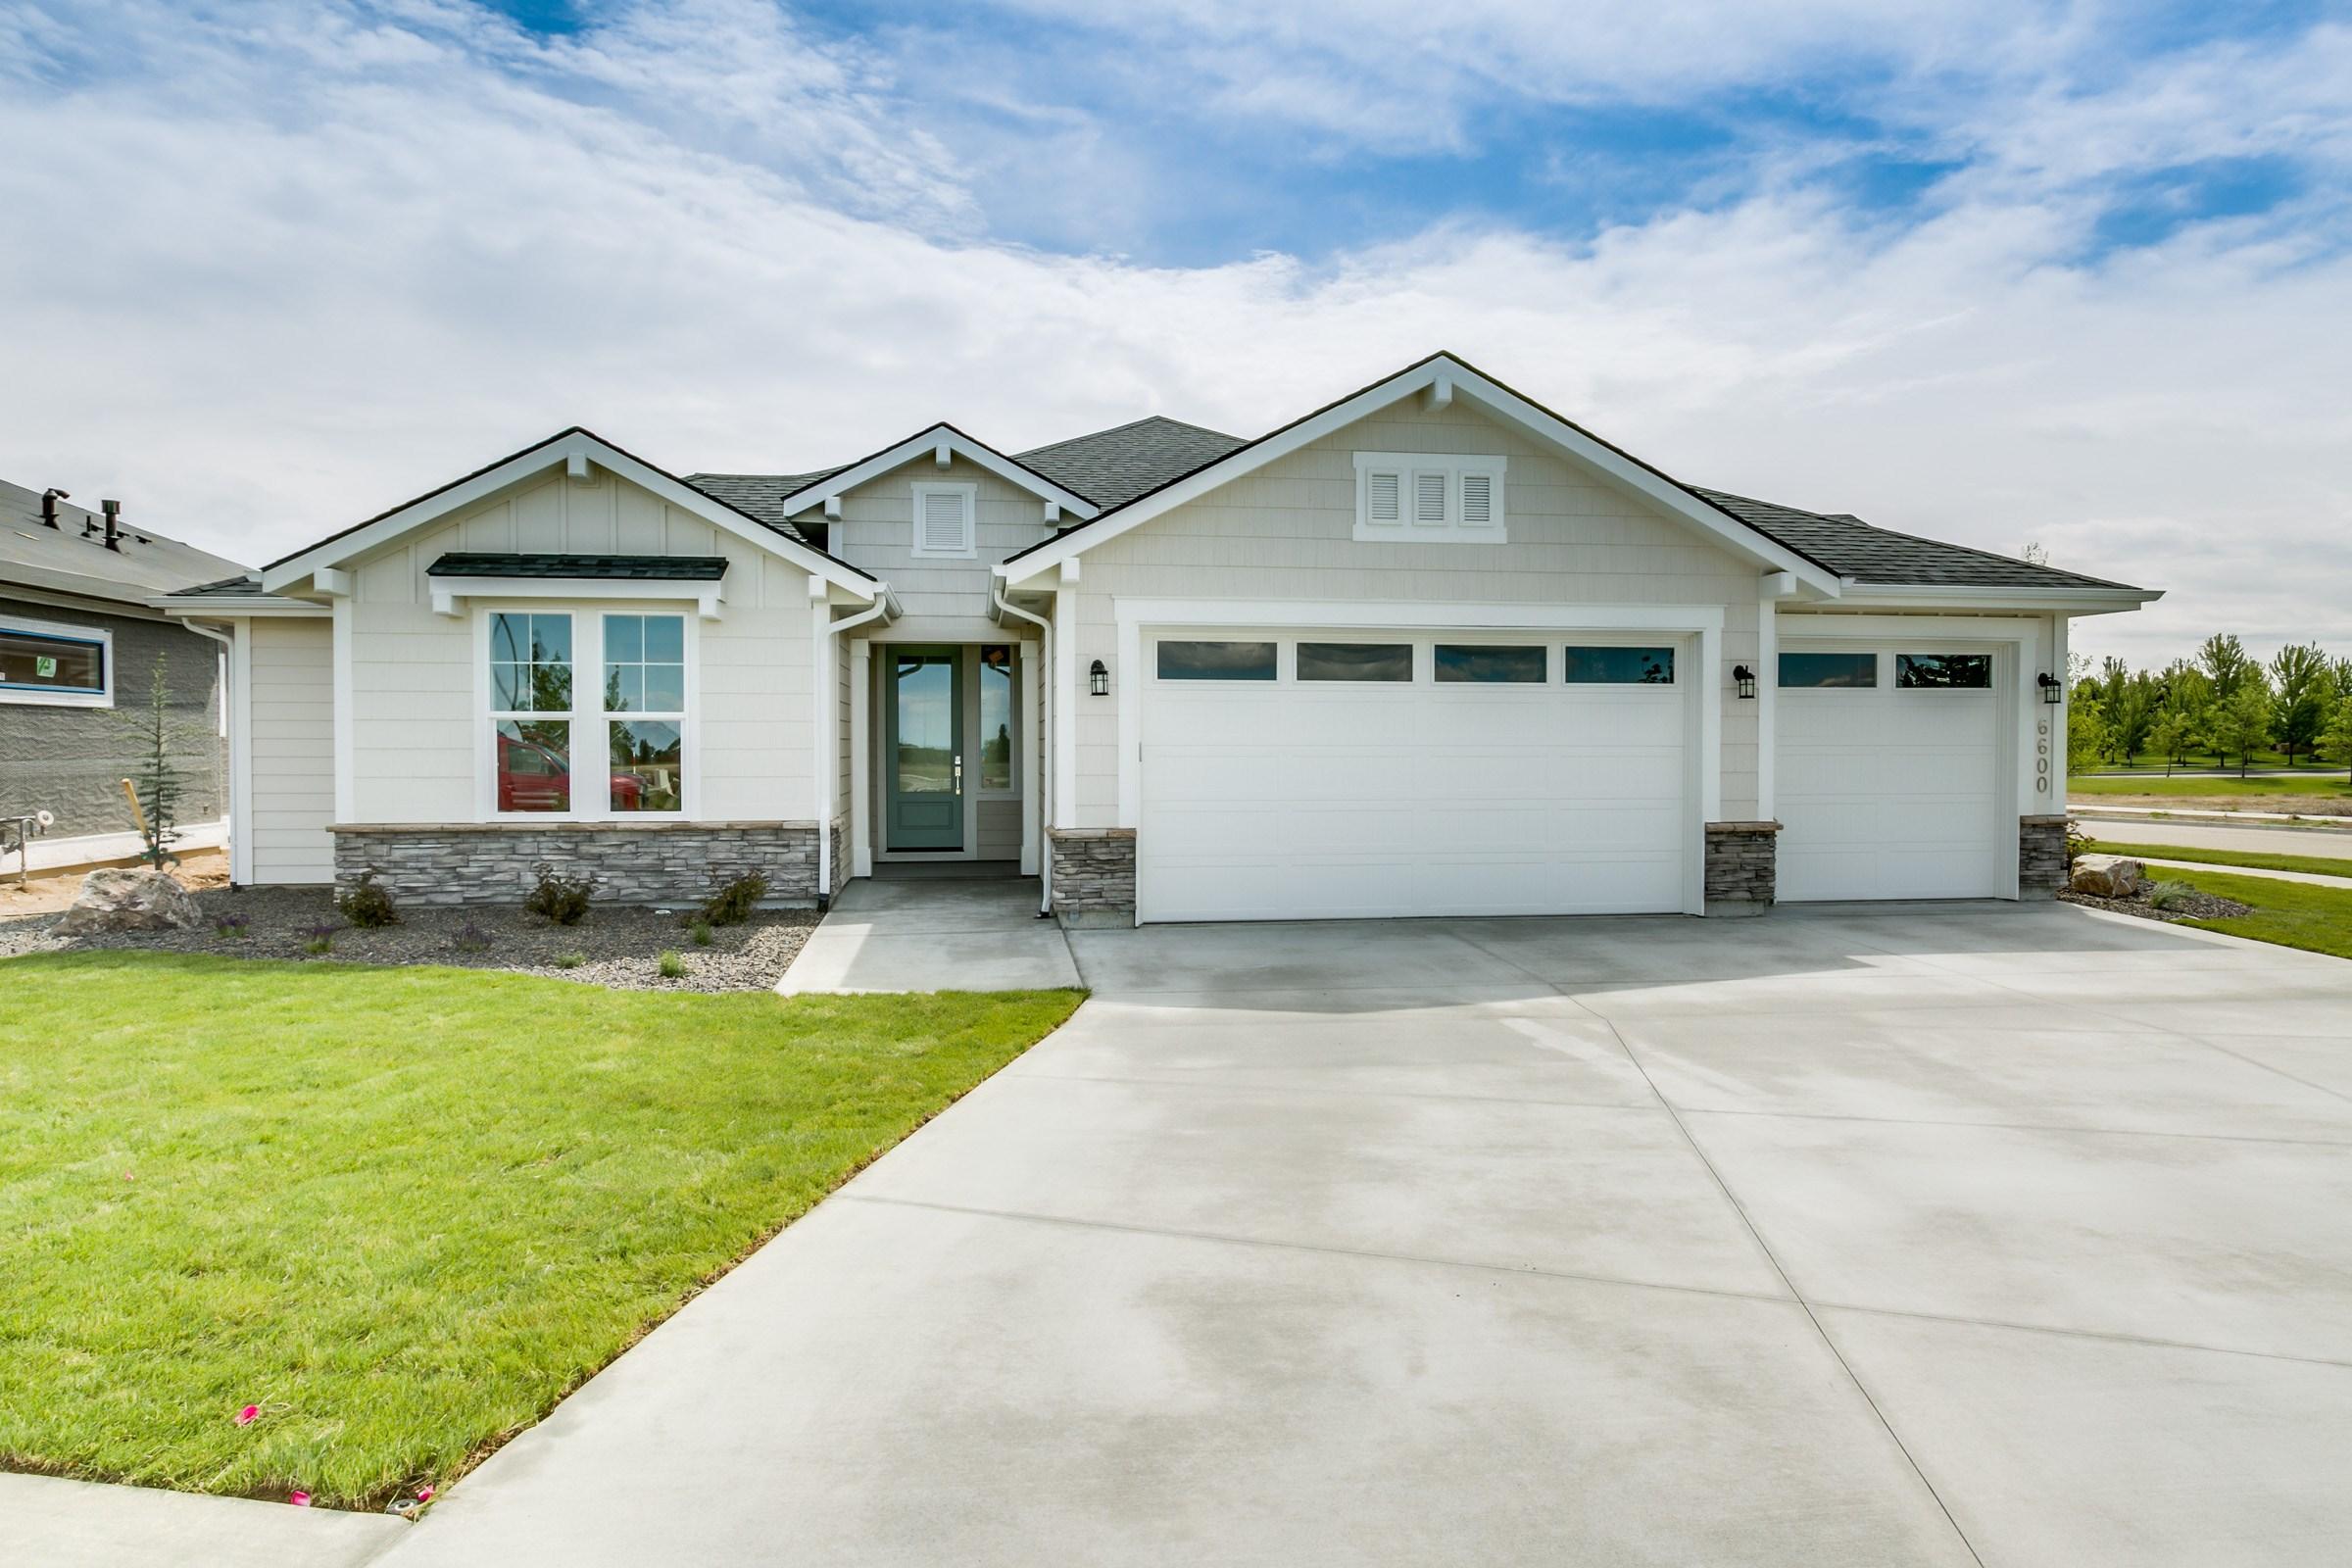 Tek Ailelik Ev için Satış at 3356 Wallberg Ave, Eagle 3356 S Wallberg Ave Eagle, Idaho, 83616 Amerika Birleşik Devletleri